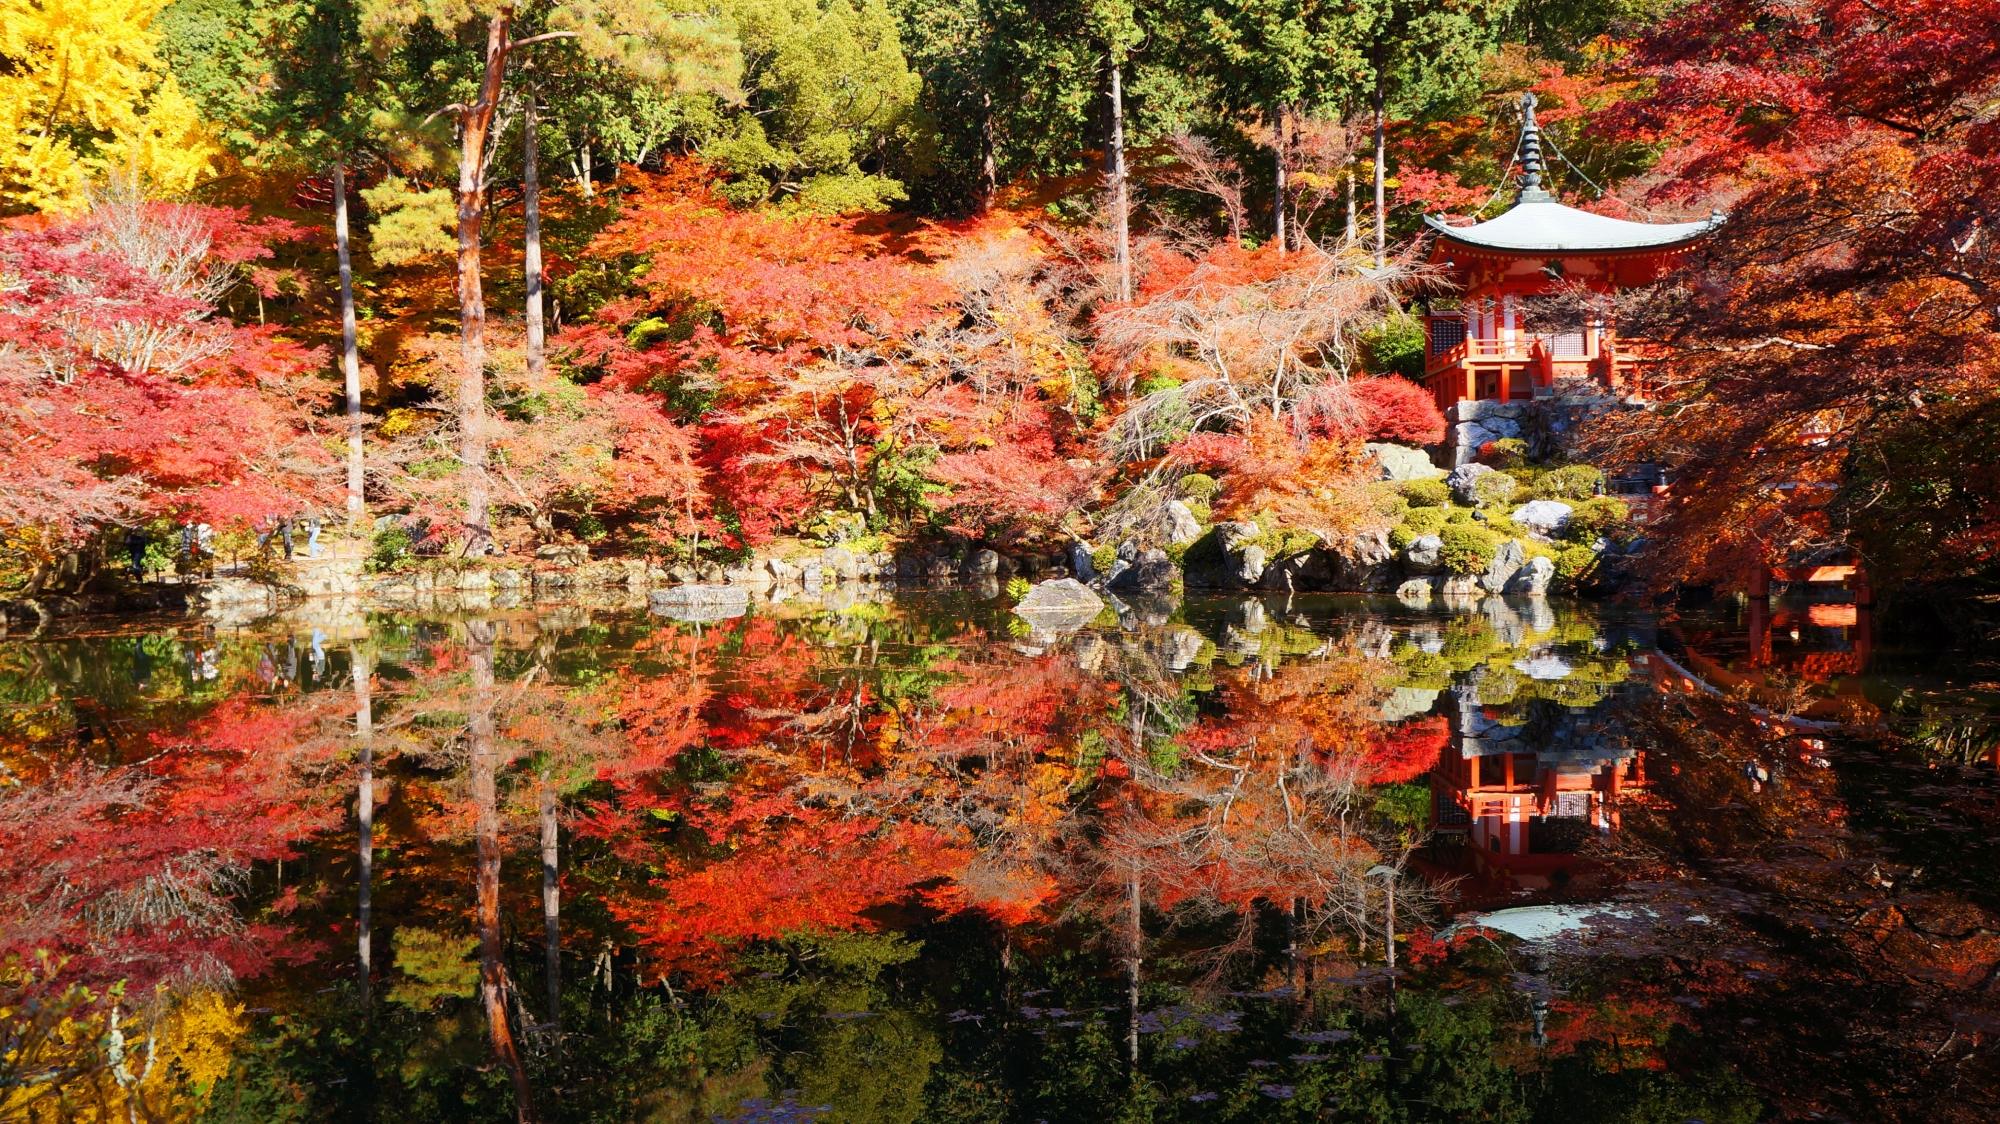 醍醐寺の見事な紅葉と水鏡や秋色の情景